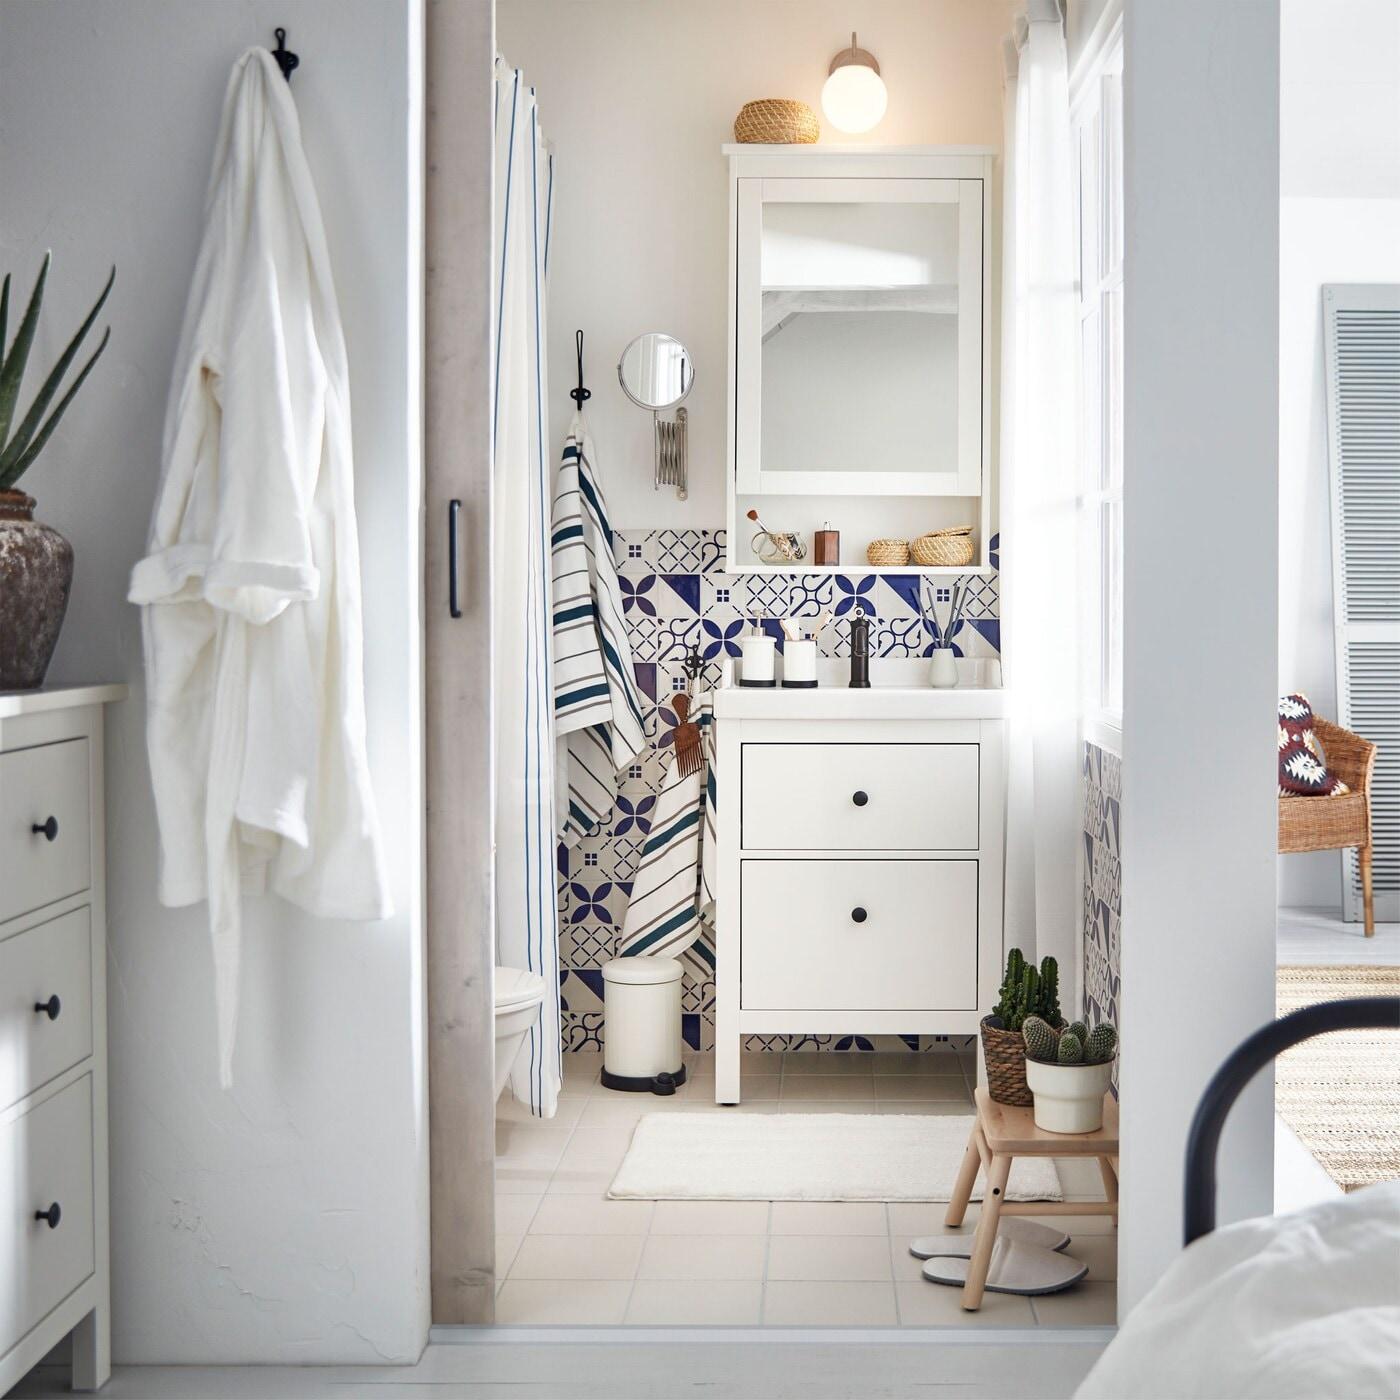 Wunderbar Ein Schönes Bad, Das Wunderbar Zum Rest Deines Zuhauses Passt